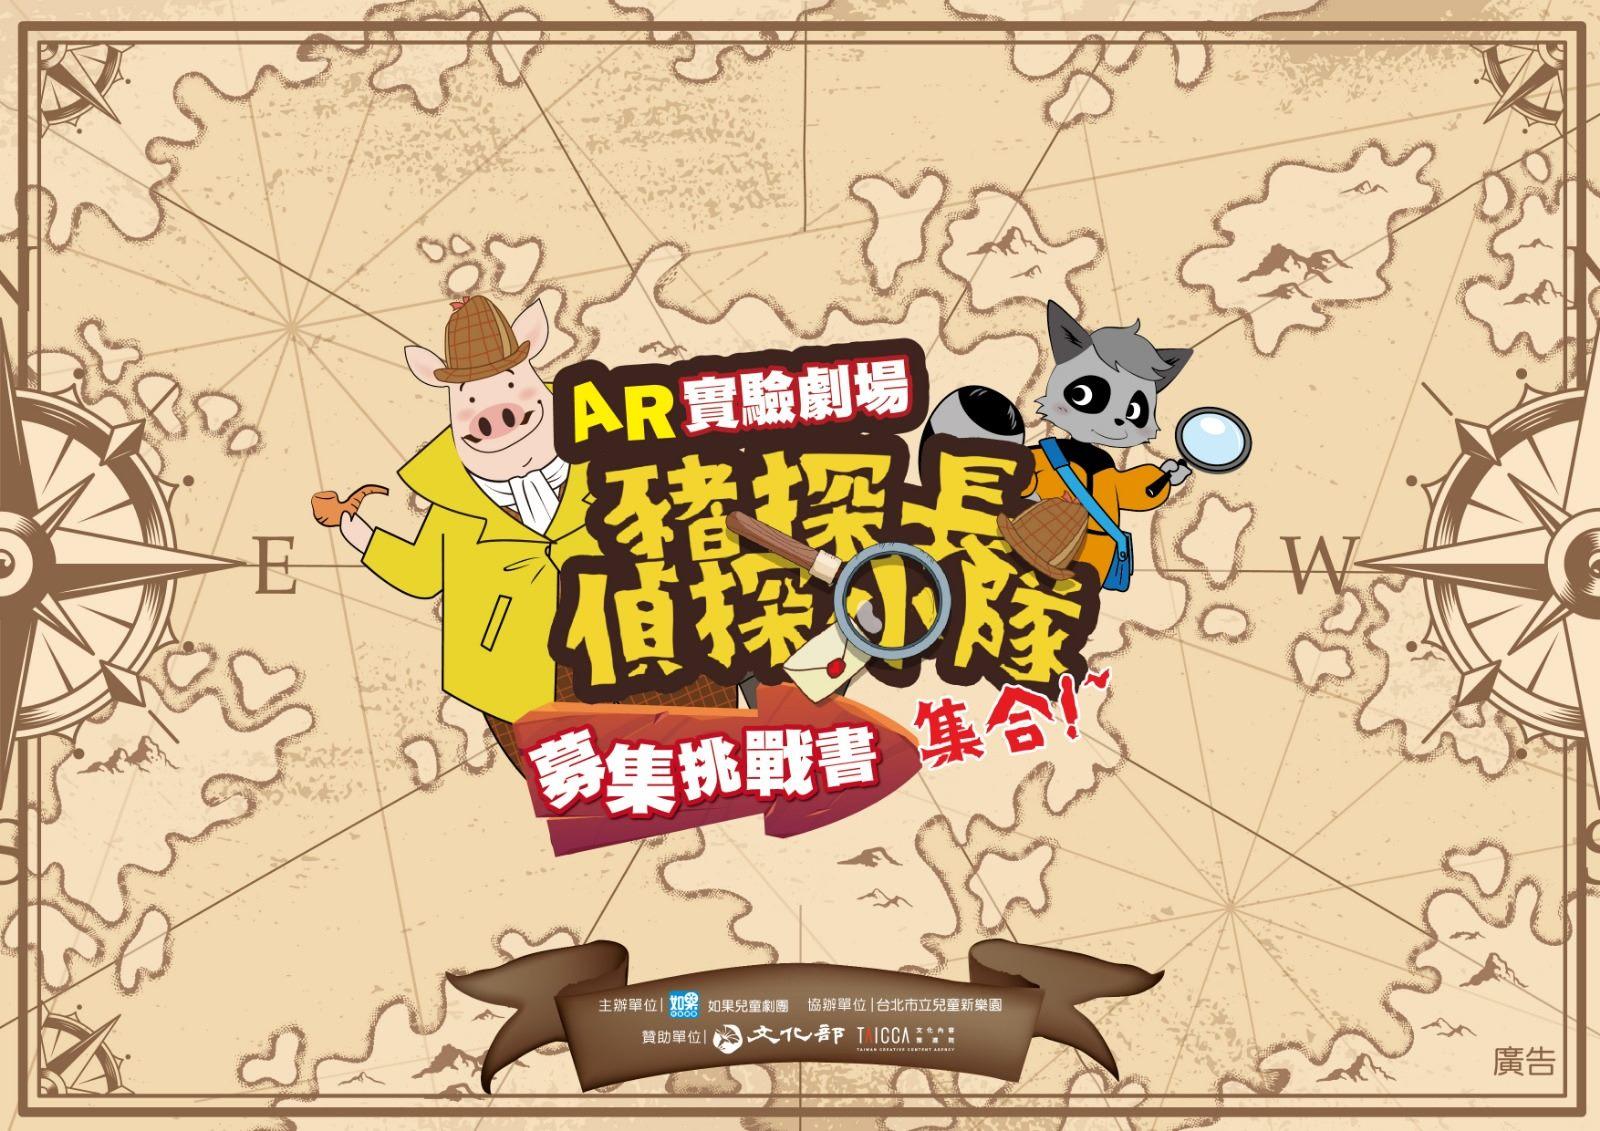 Inspector Pig AR